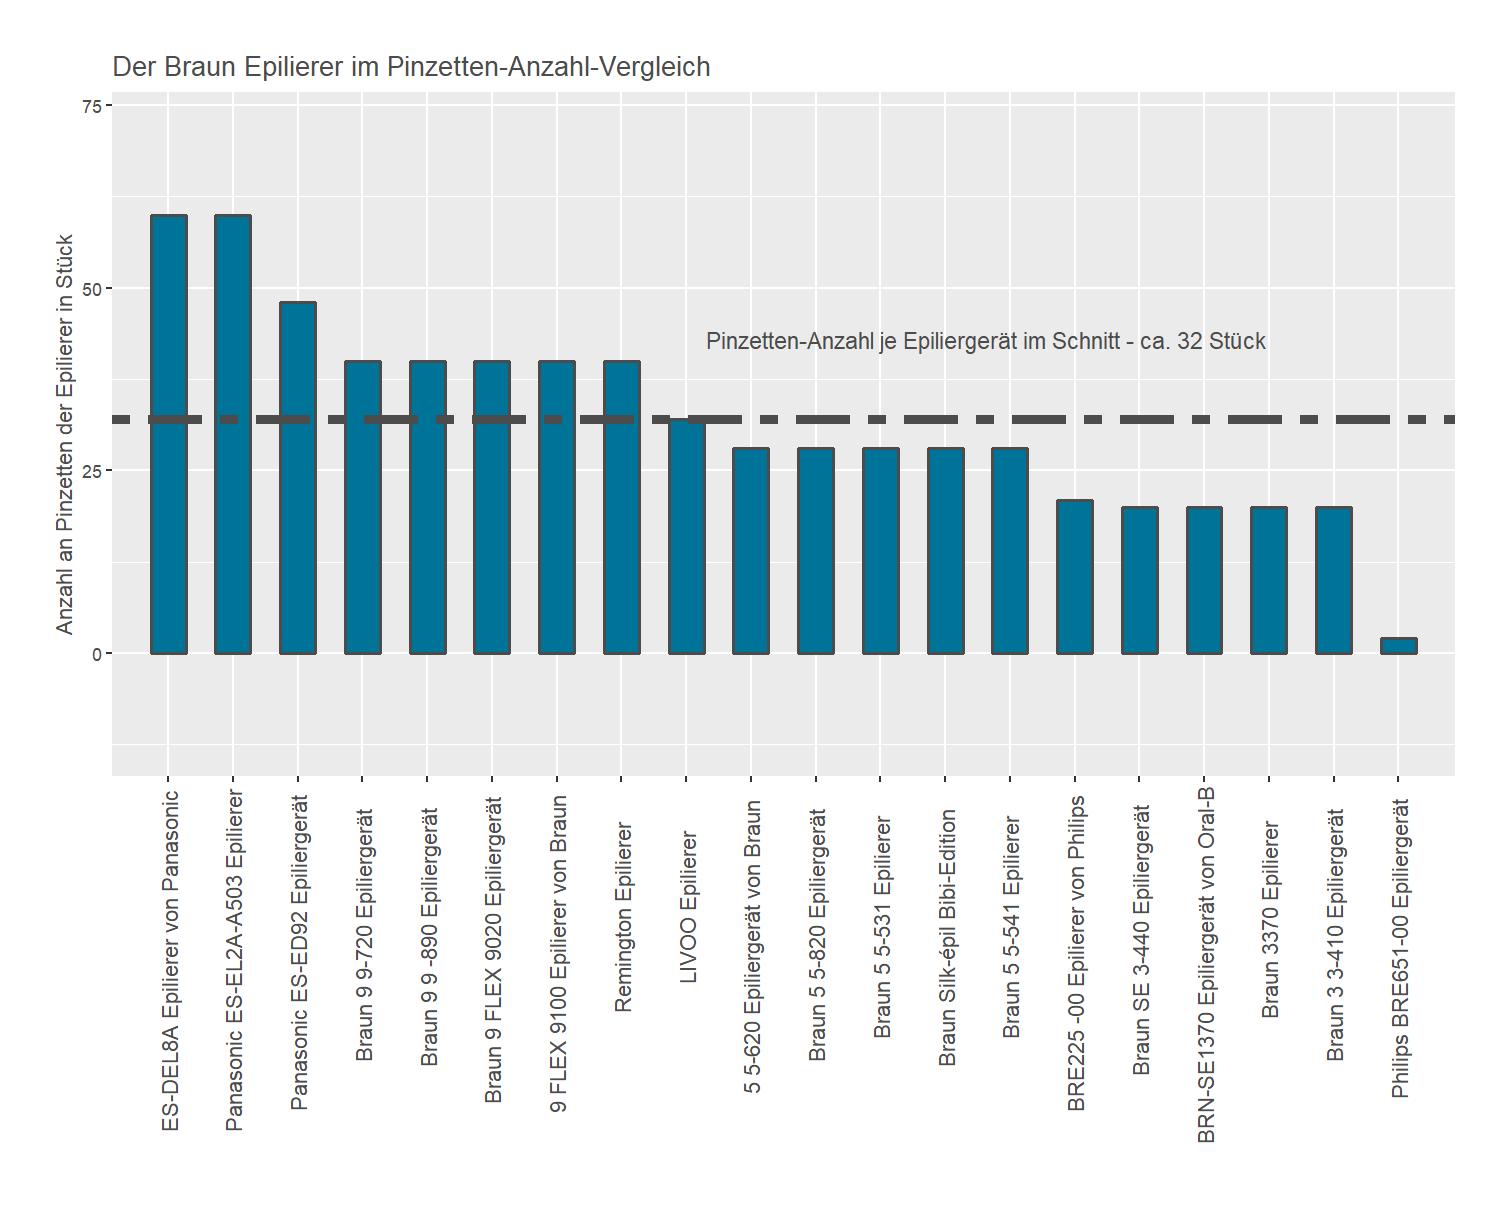 Pinzetten-Anzahl-Vergleich von dem Braun Epilierer 5-895